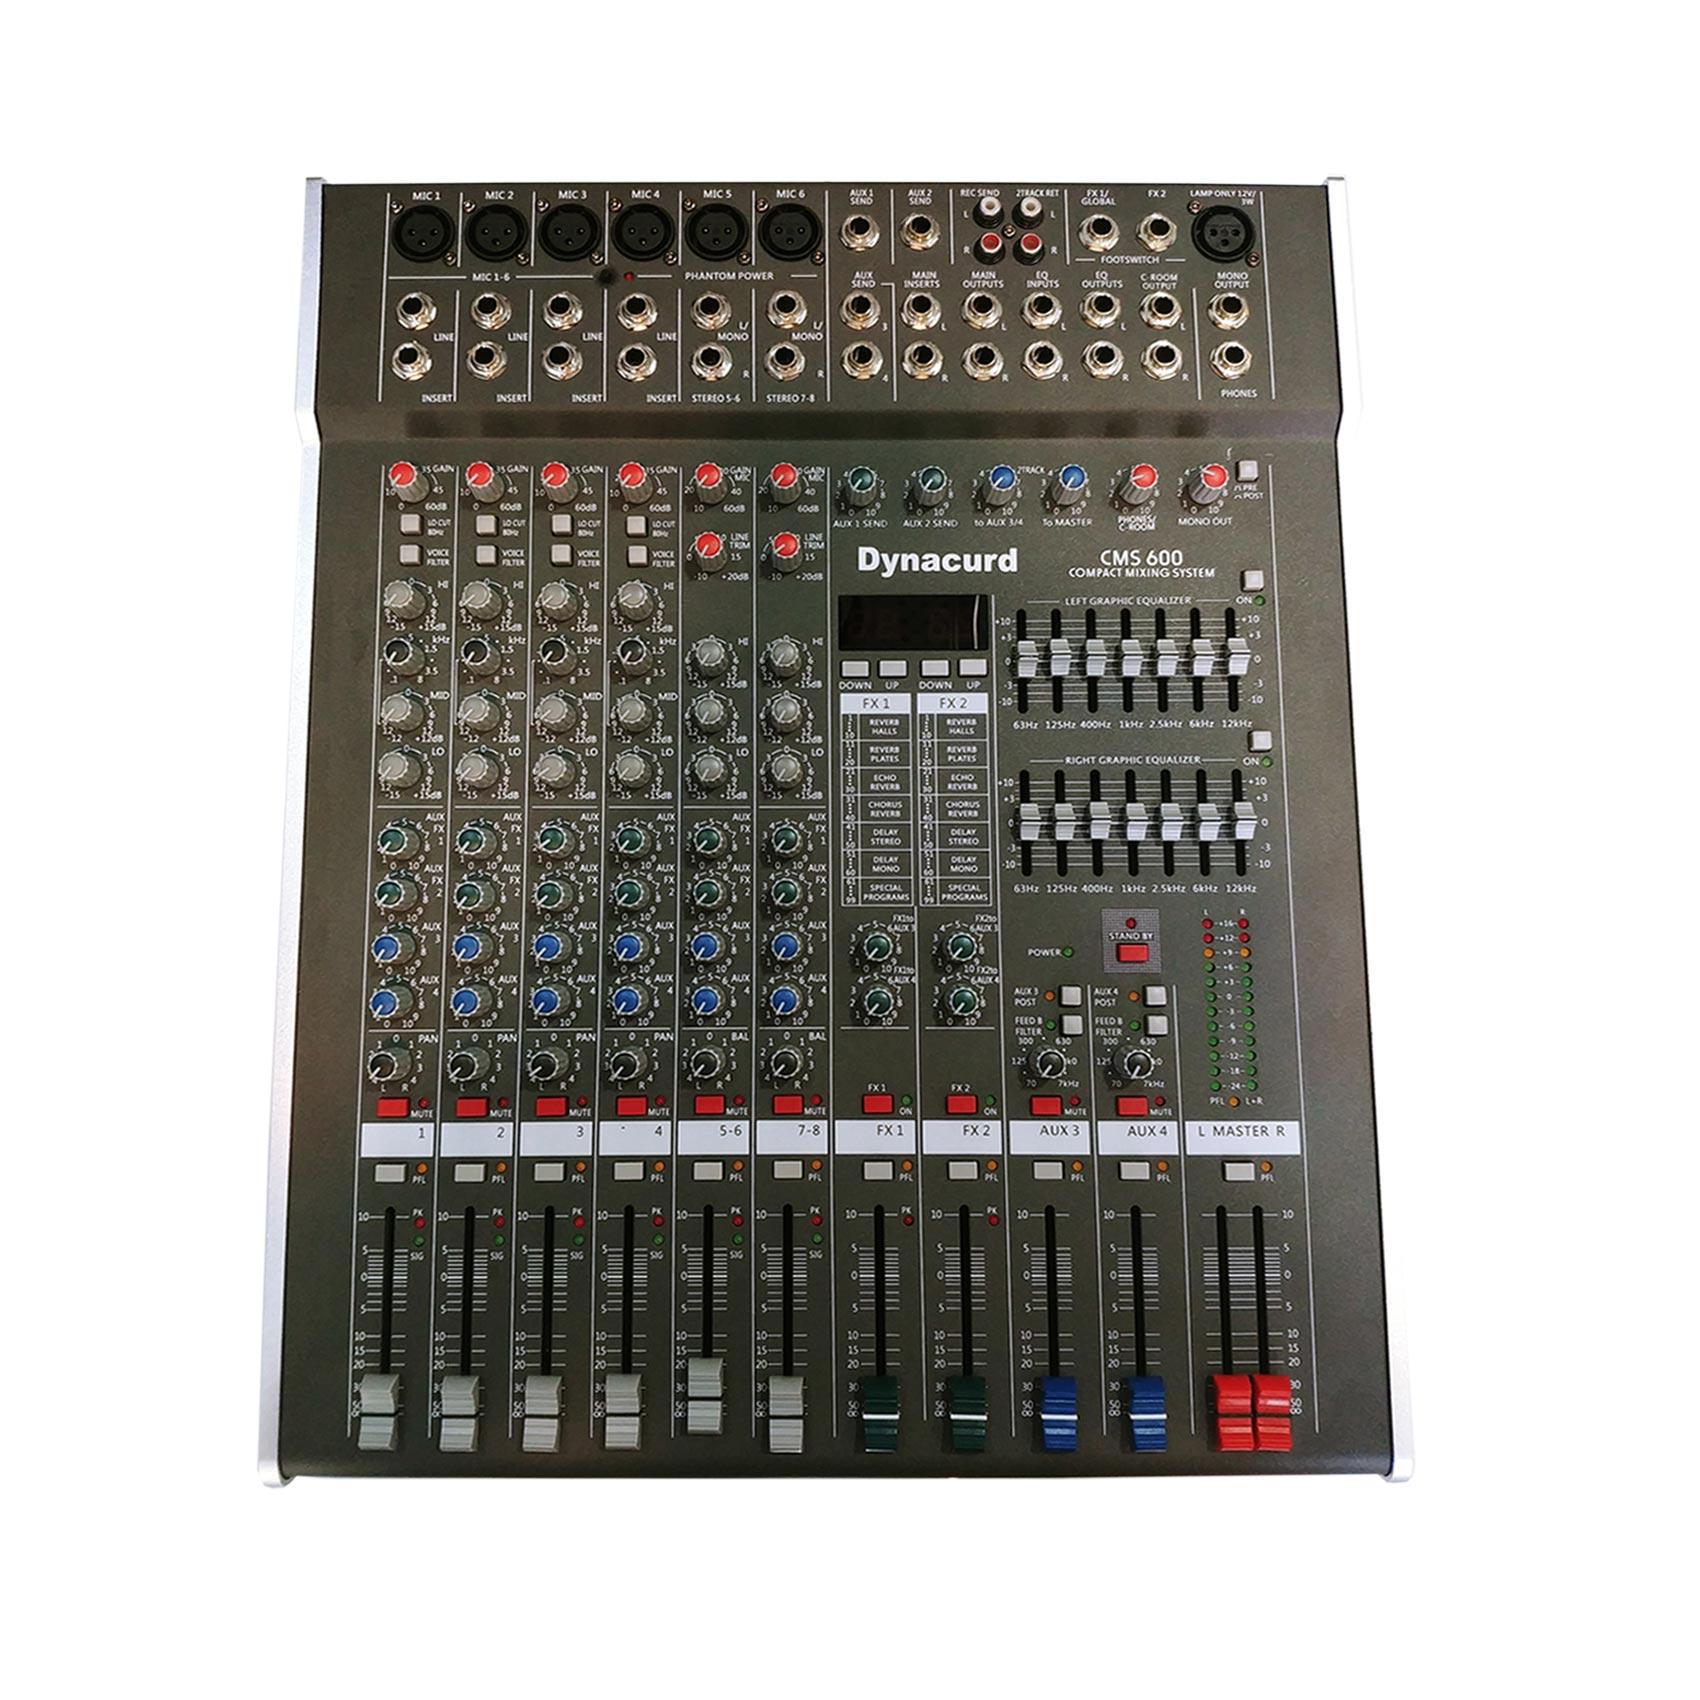 میکسر دایناکورد تایوان مدل CMS 600 | Dynacurd CMS600 Mixer